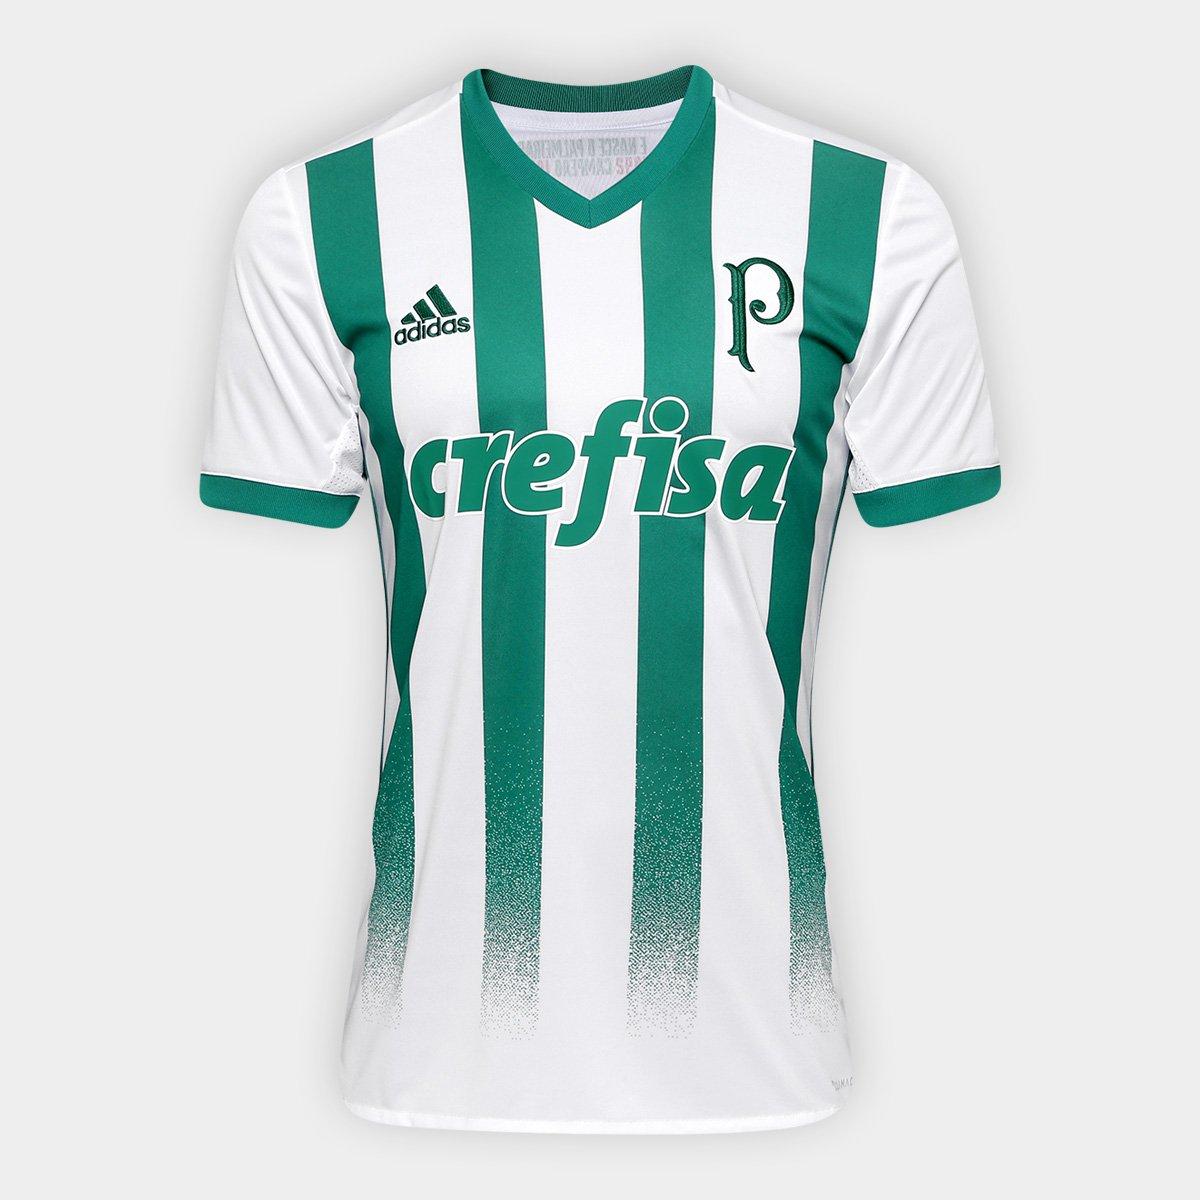 265205fddd5f9 Camisa Palmeiras II 17 18 s nº Torcedor Adidas Masculina - Branco e Verde -  Compre Agora